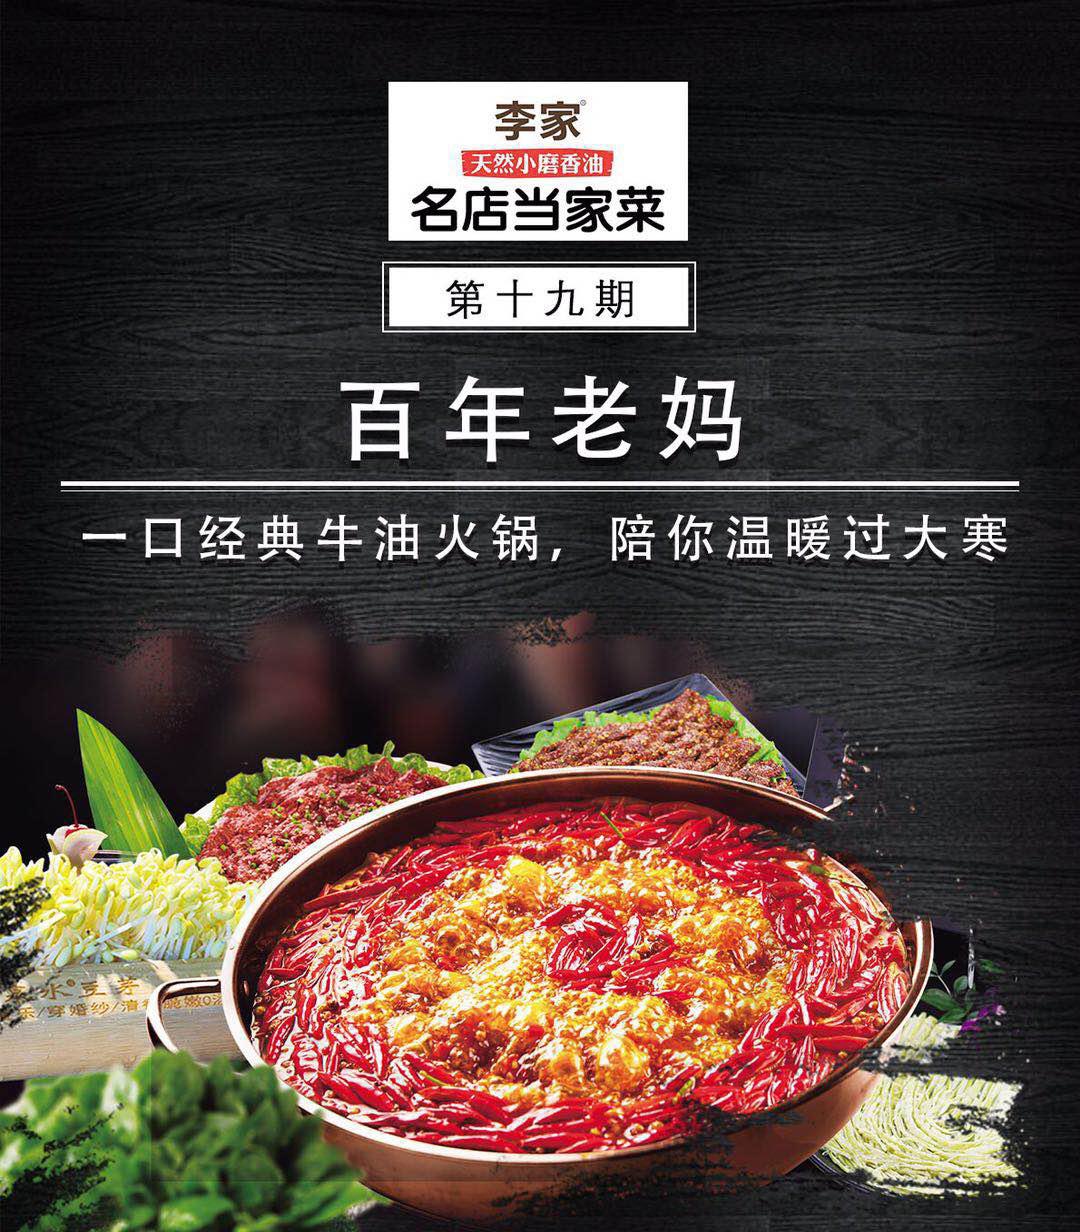 冬天火锅吃什么好?李家天然小磨香油带你走进百年老妈 品味更纯正的牛油火锅!